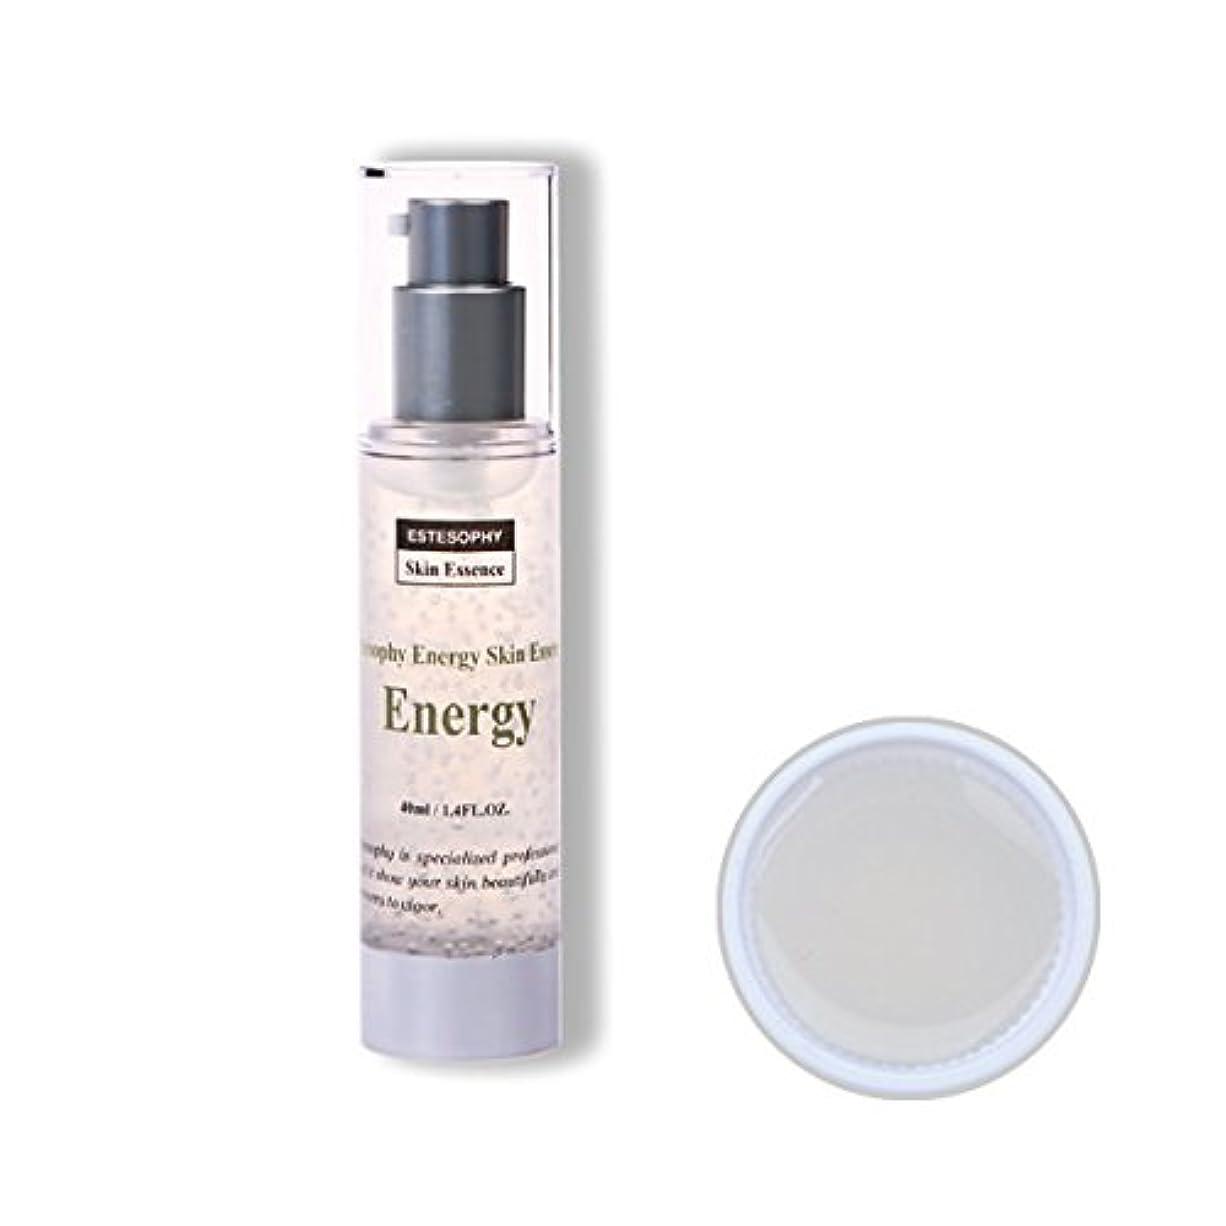 案件やりがいのある処分したエステソフィー エナジー エッセンス 40ml 保湿美容液 業務用